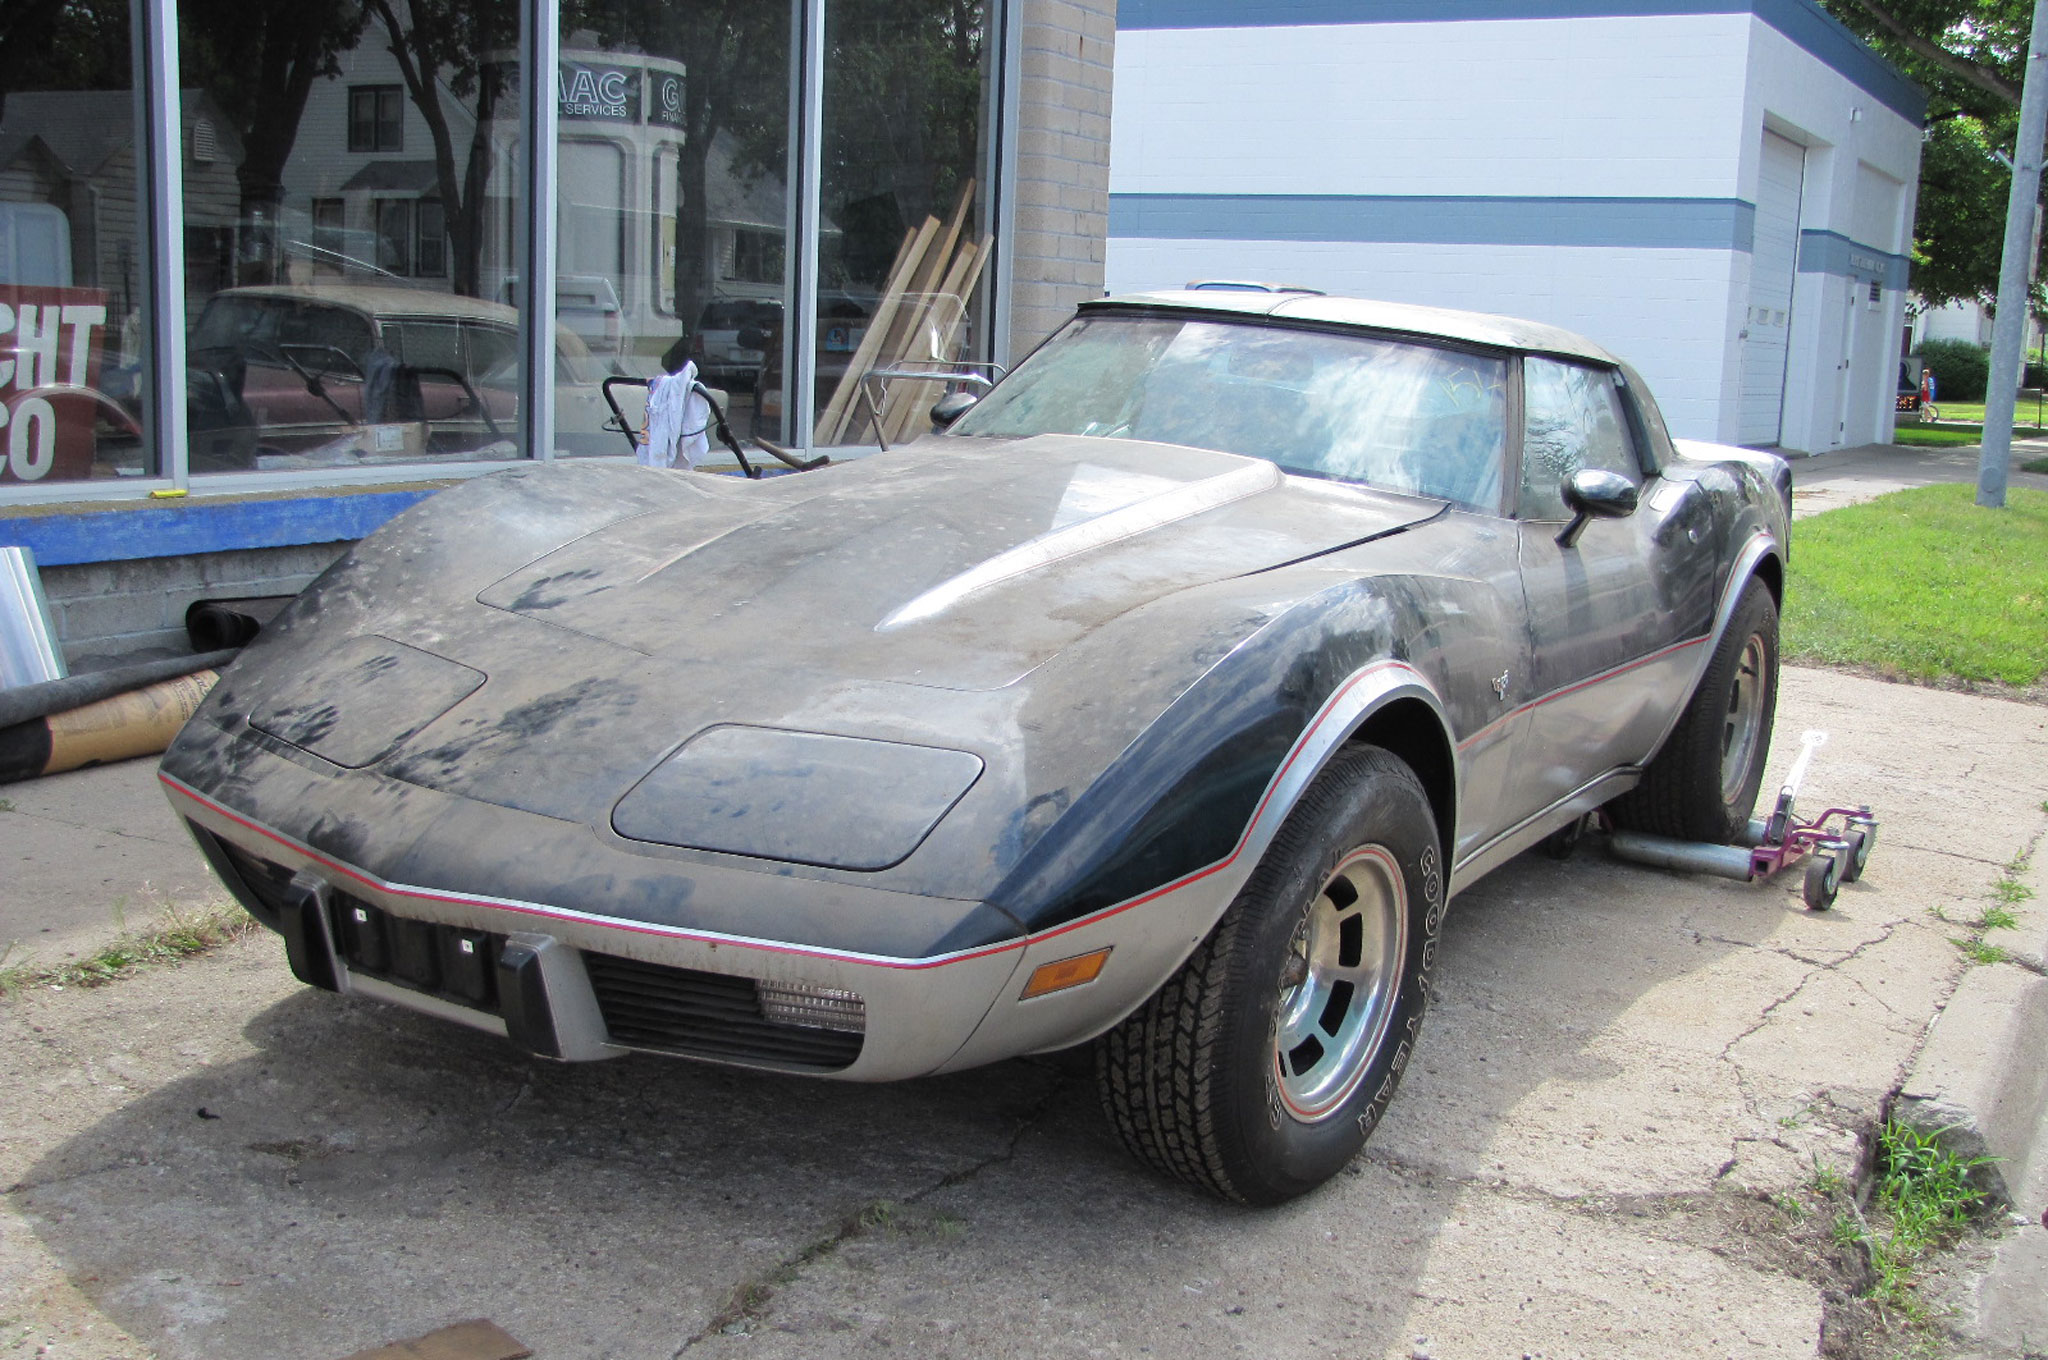 1978 Chevrolet Corvette Indianpolis 500 Pace Car